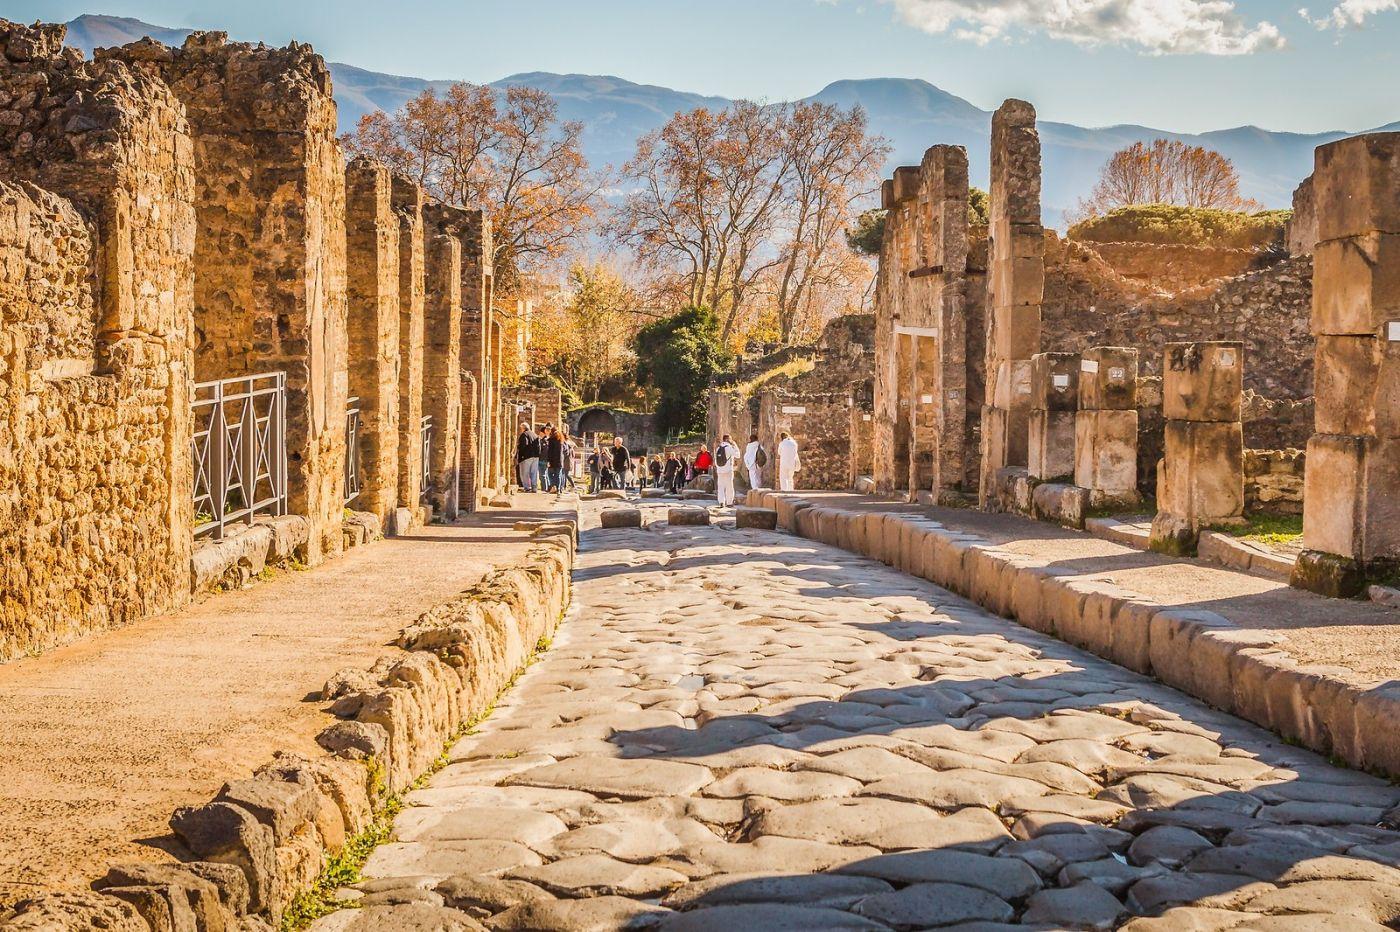 意大利一世纪古城庞贝,那时城市道路_图1-4